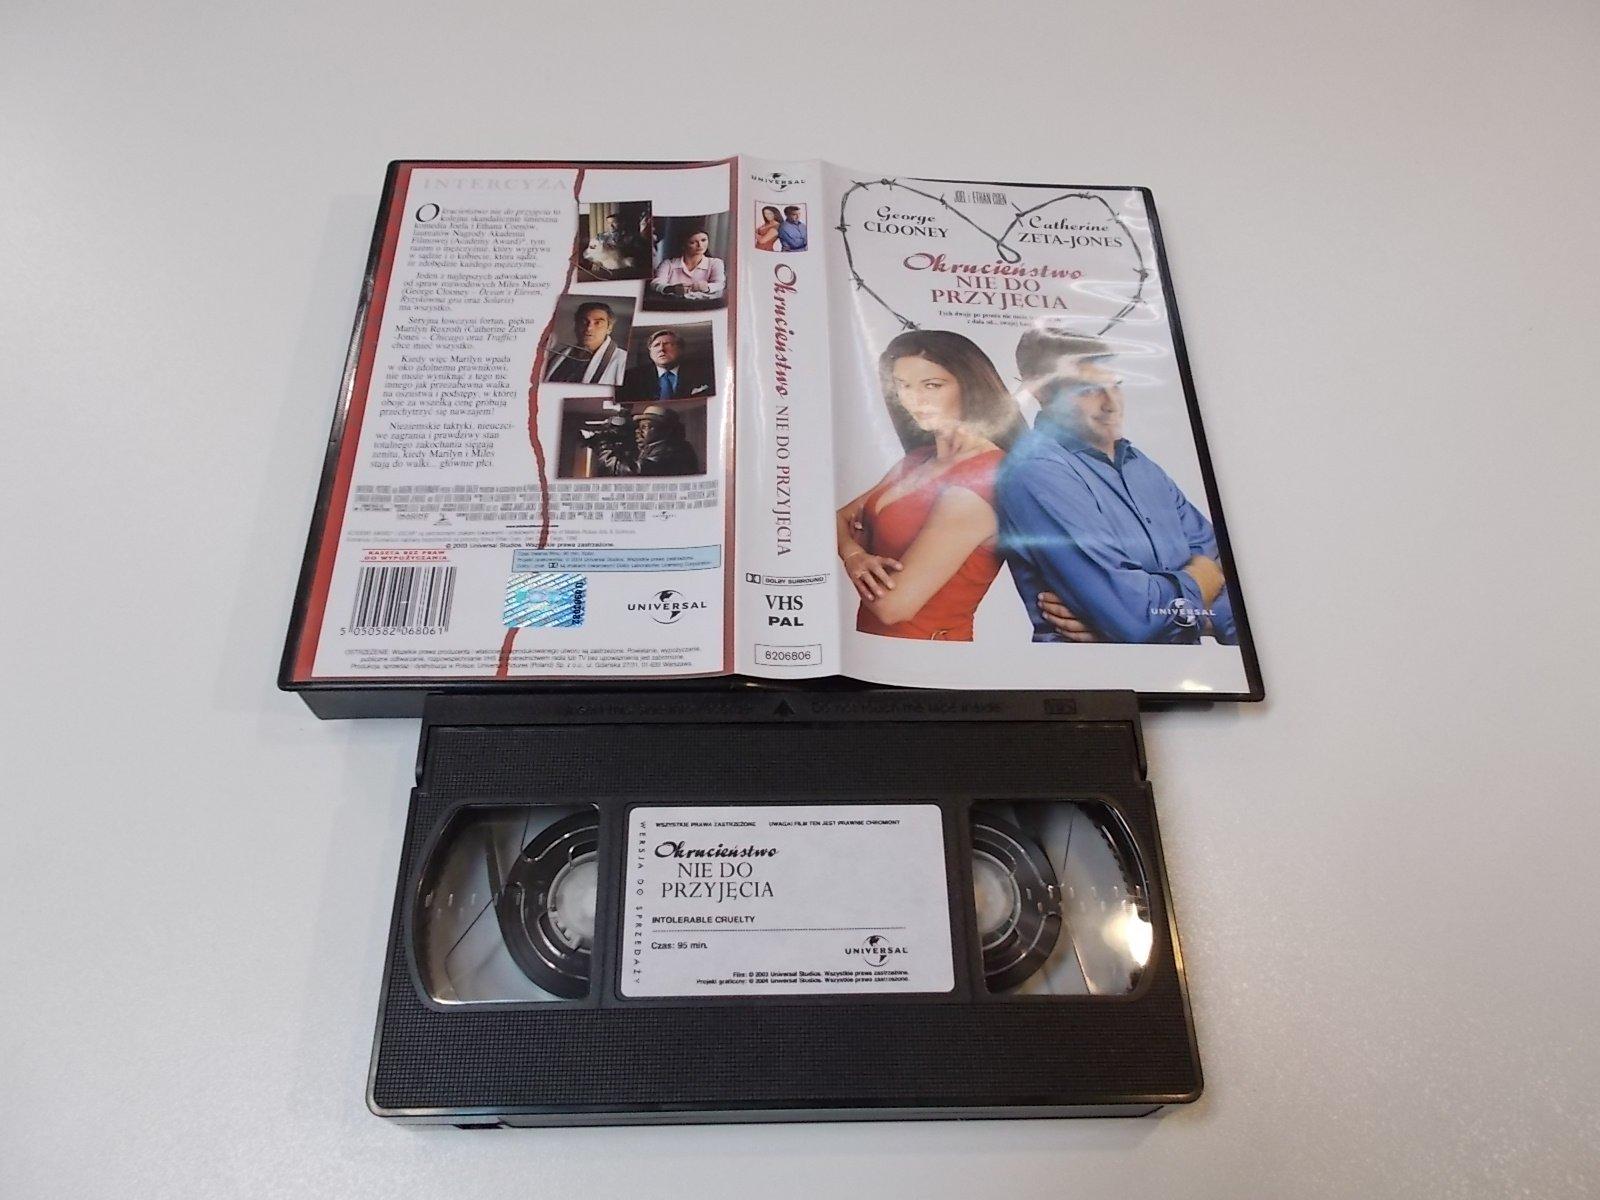 OKRUCIEŃSTWO NIE DO PRZYJĘCIA - VHS Kaseta Video - Opole 1680